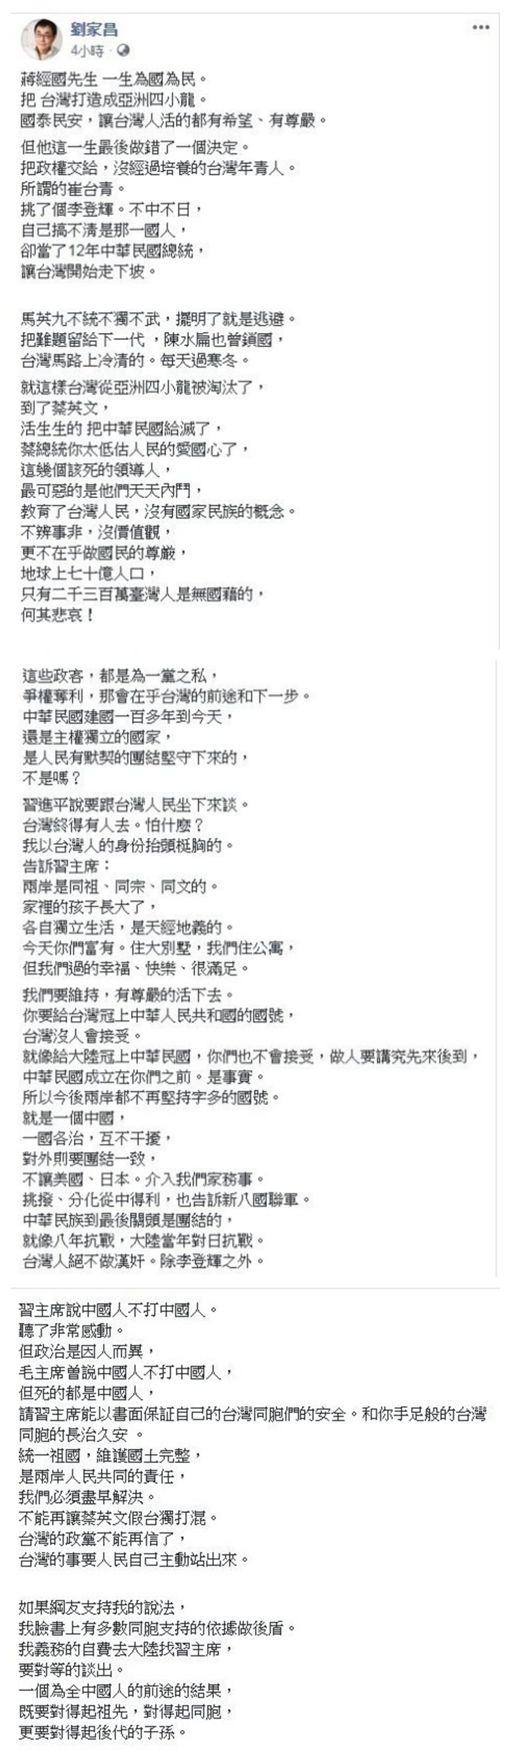 劉家昌/臉書